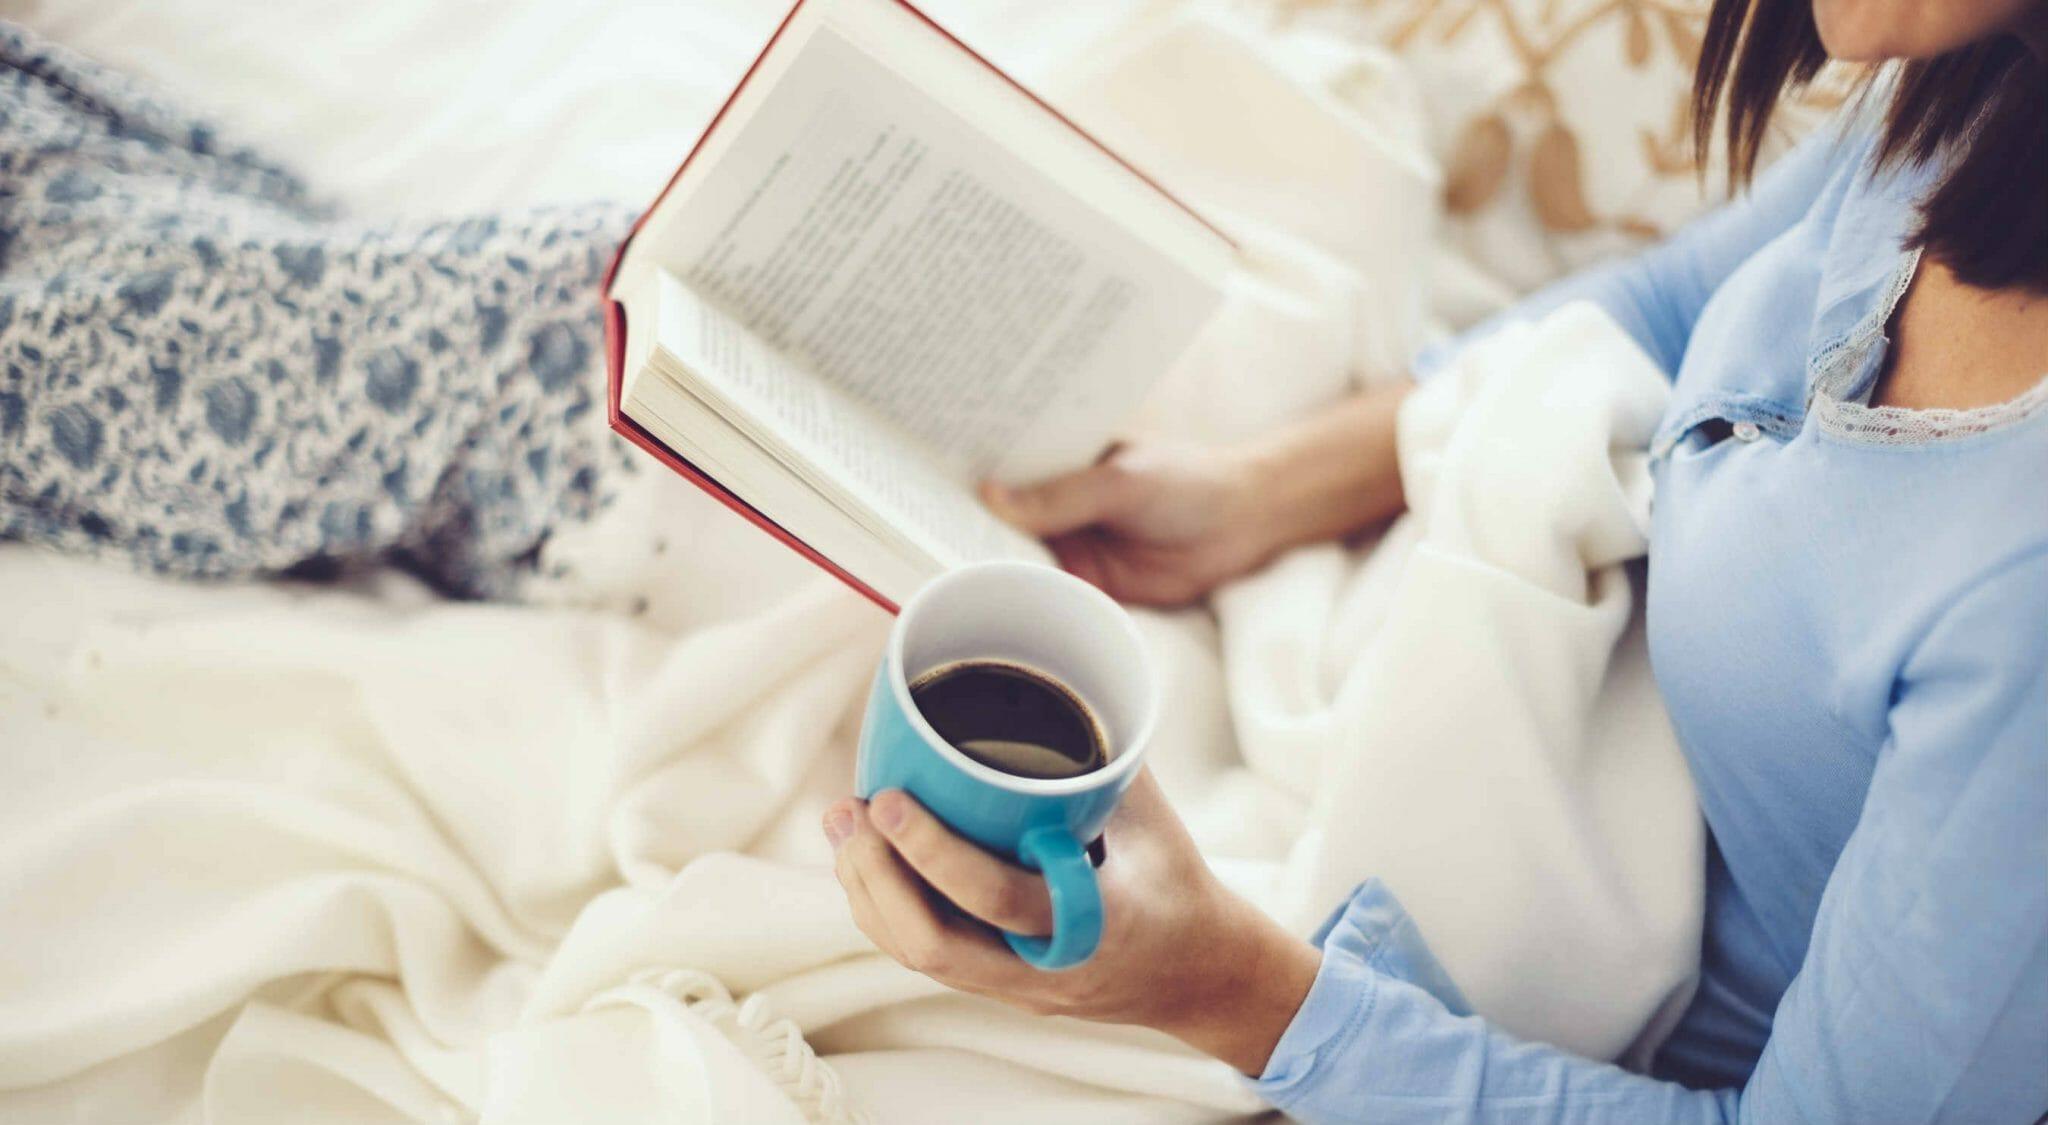 leggere a letto lettore lettrice libri lettura